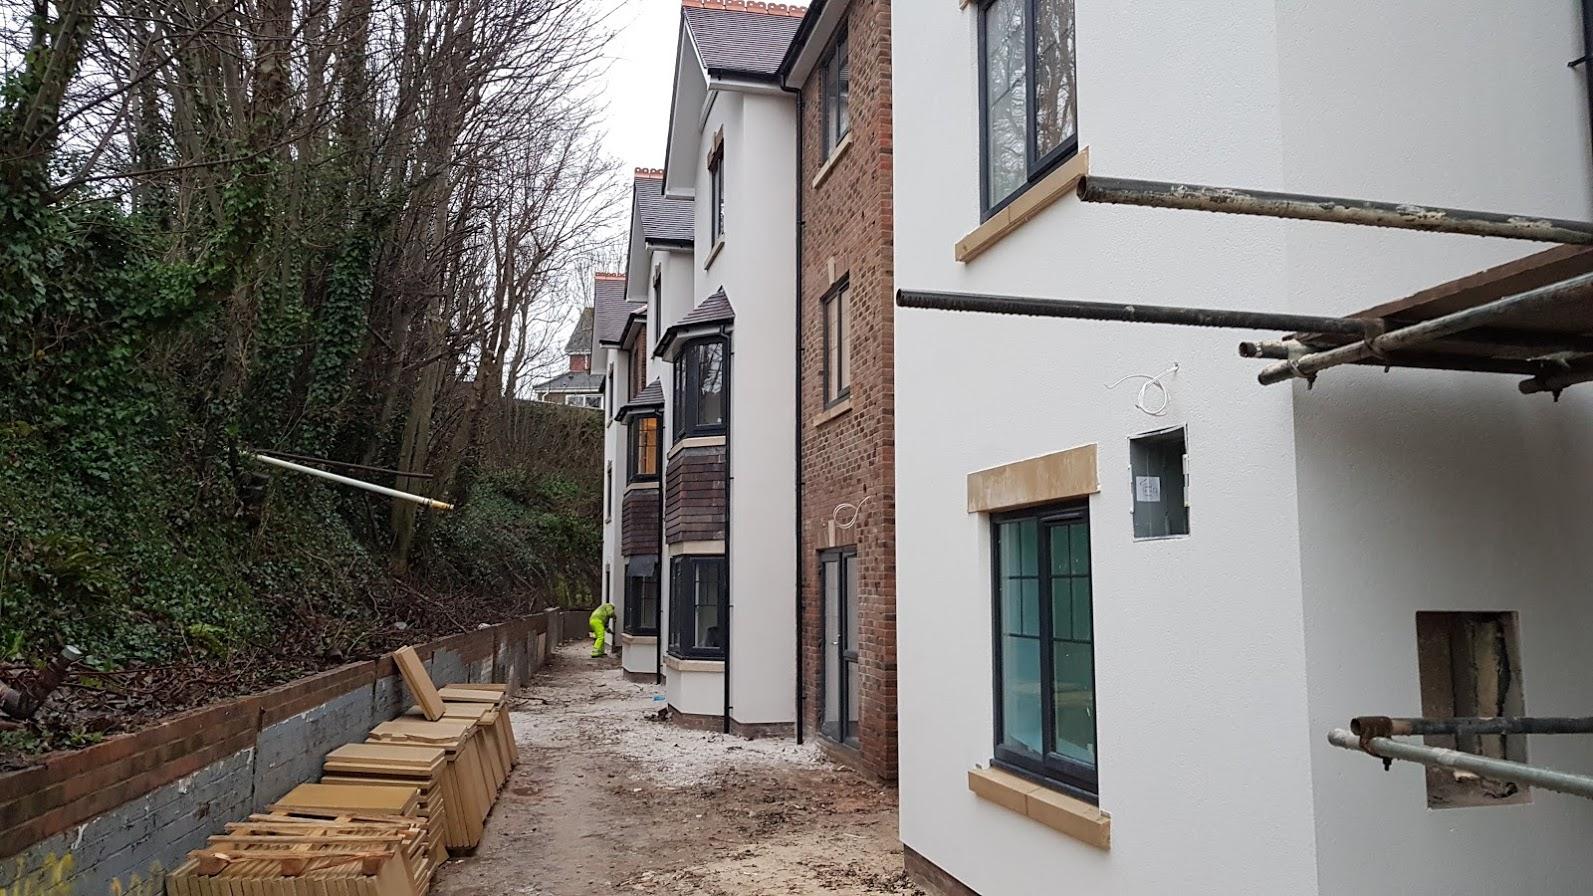 Eastbourne care home exterior